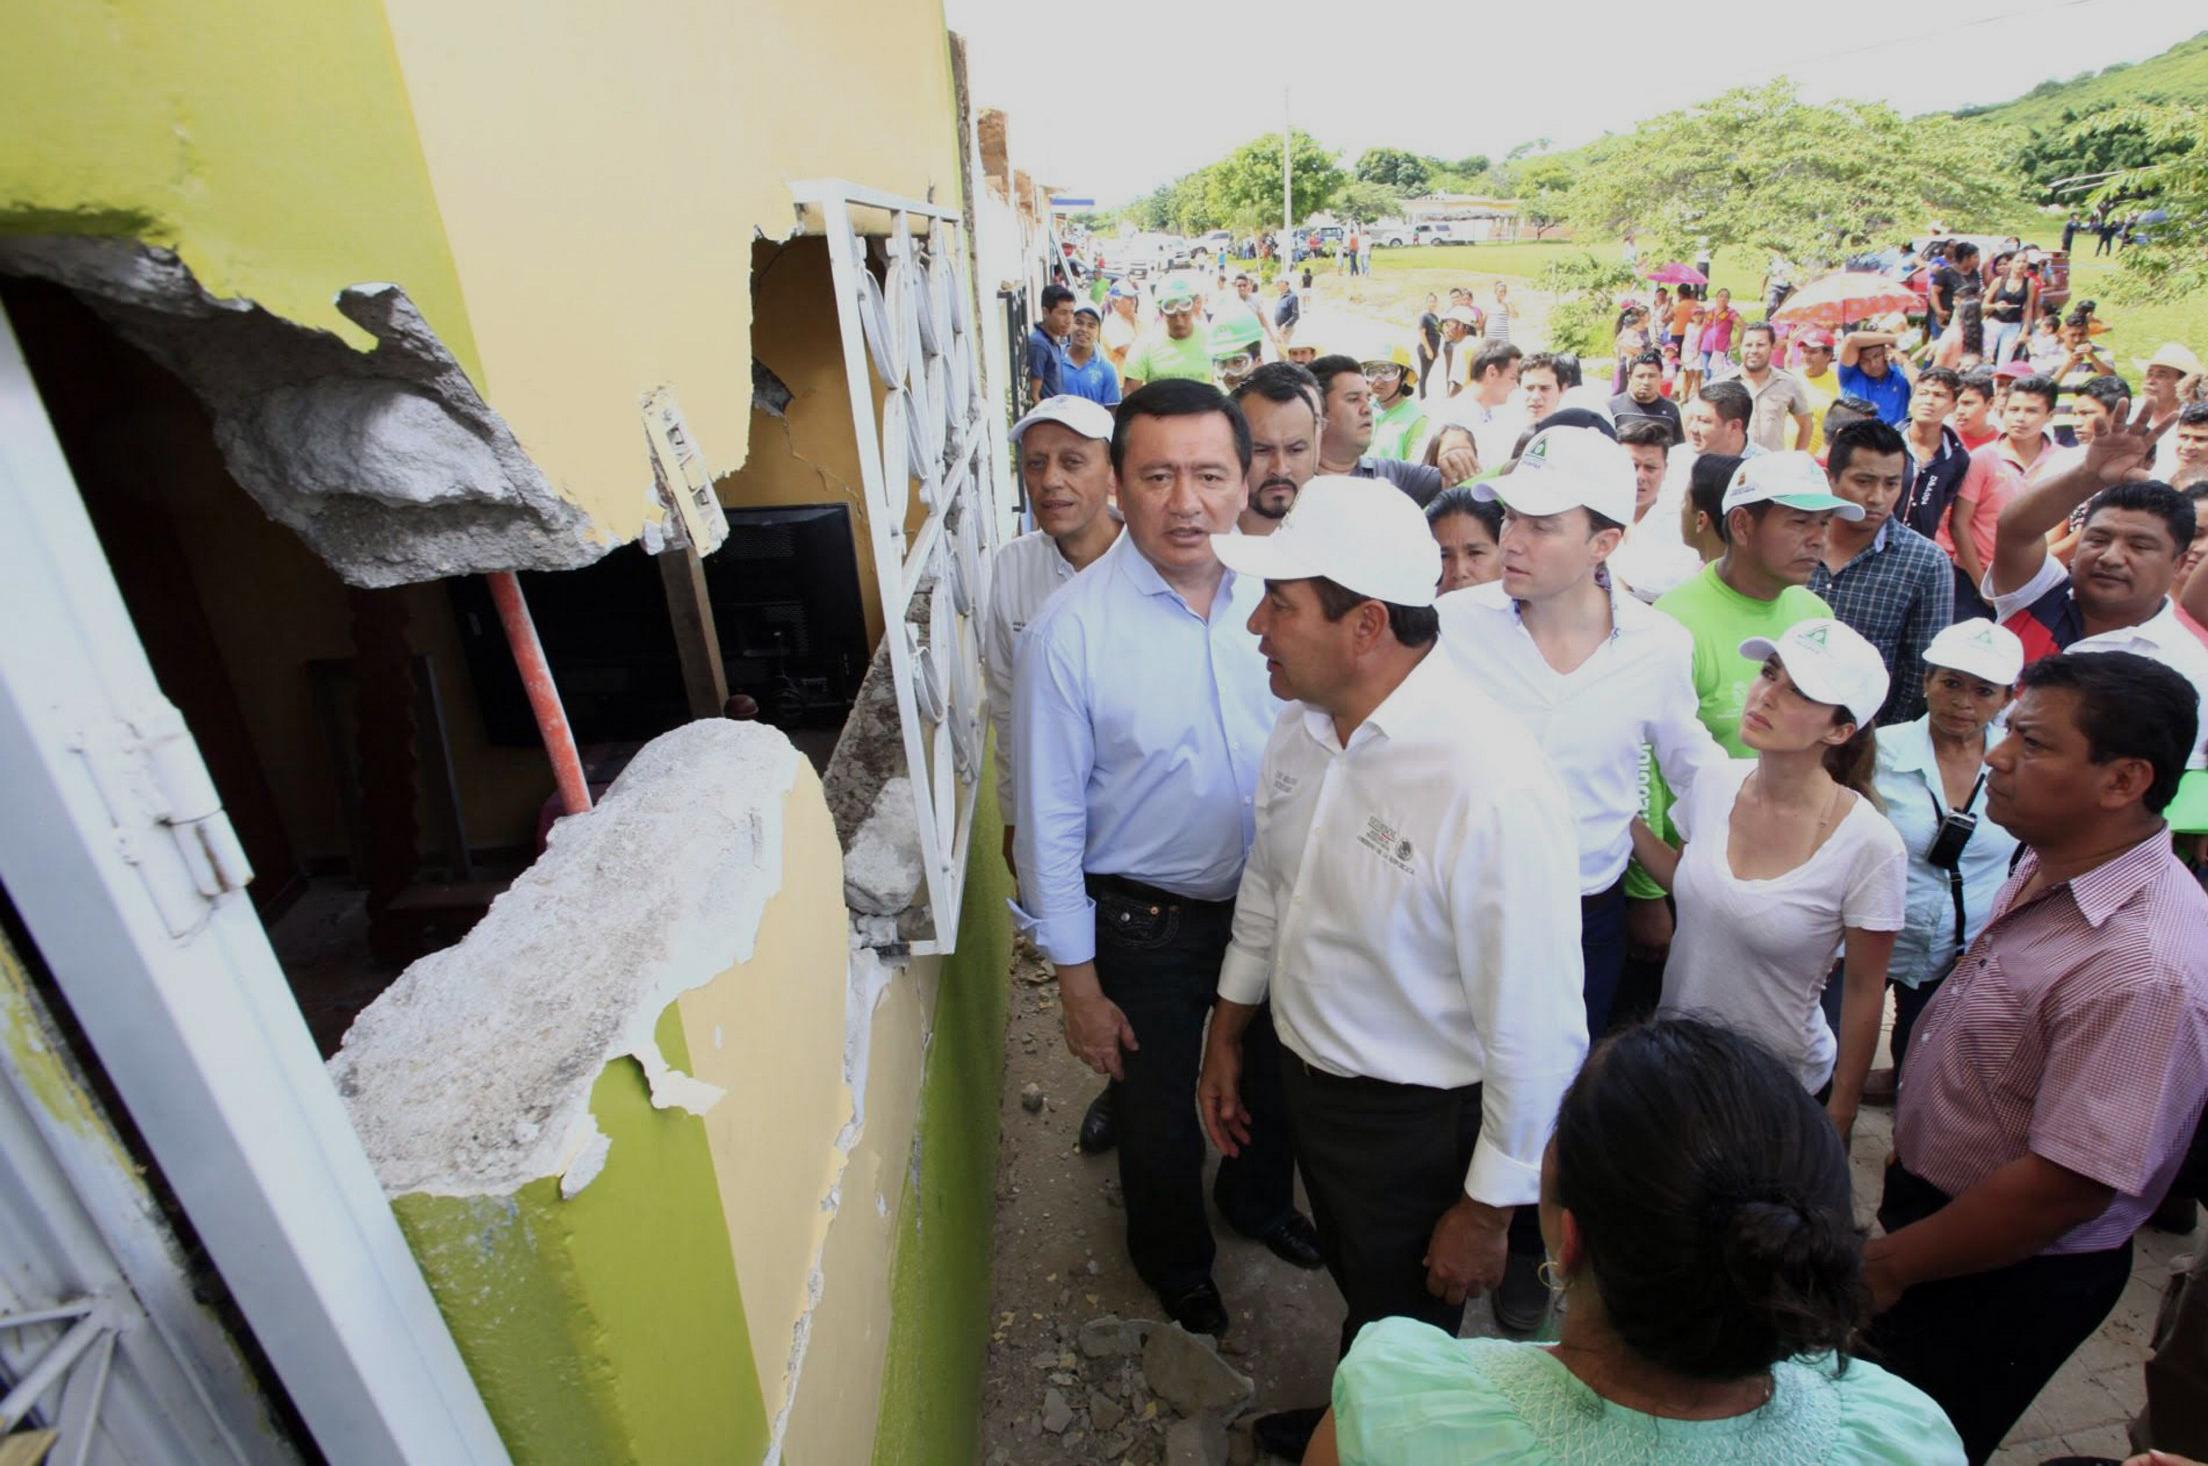 Réplicas dificultan censo de daños: Osorio Chong